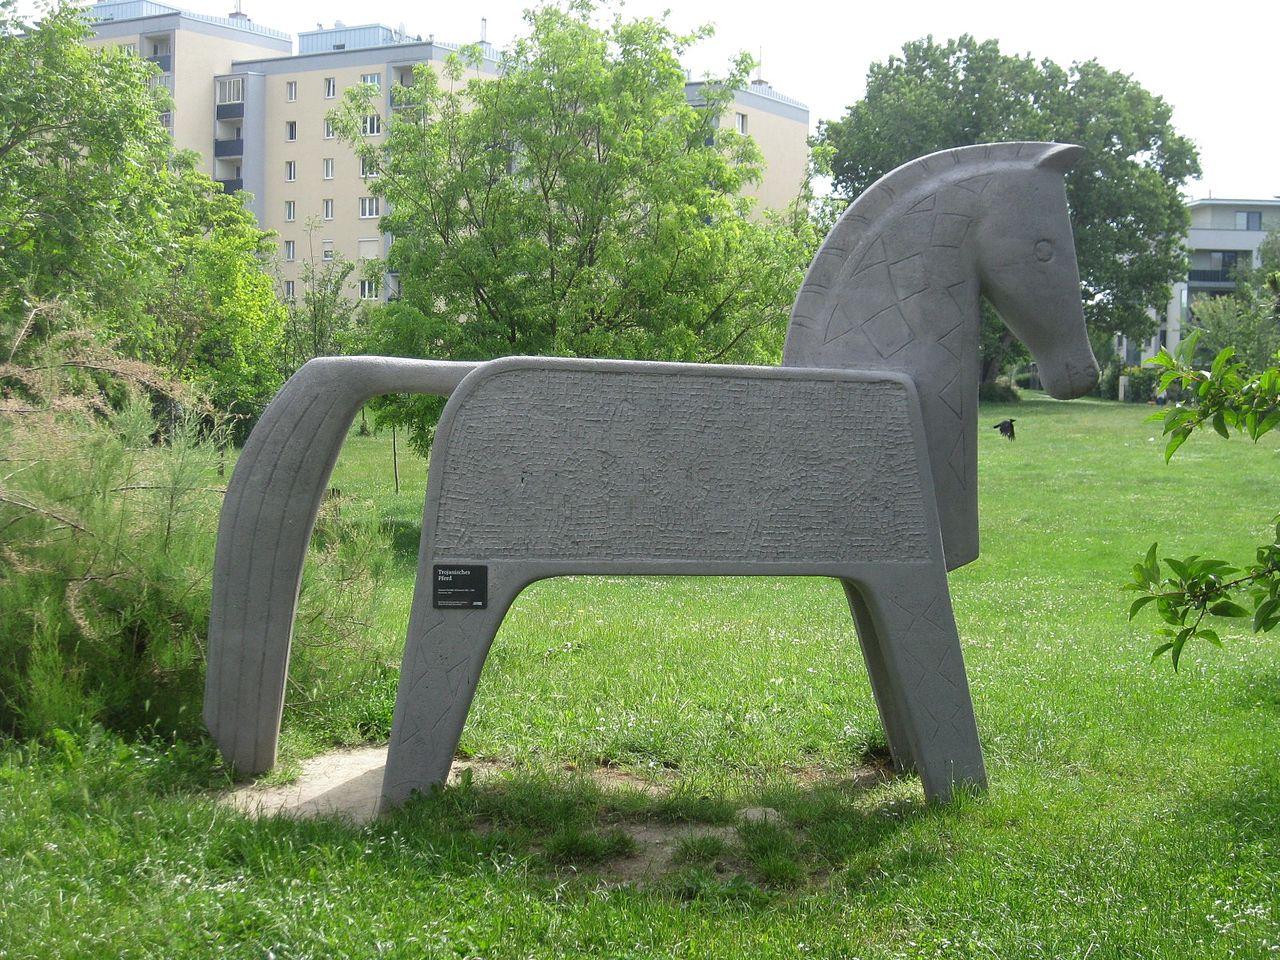 1110 Florian Hedorfer Straße 30 - Plastik Trojanisches Pferd von Susanne Peschke-Schmutzer 1970 IMG 2712.jpg